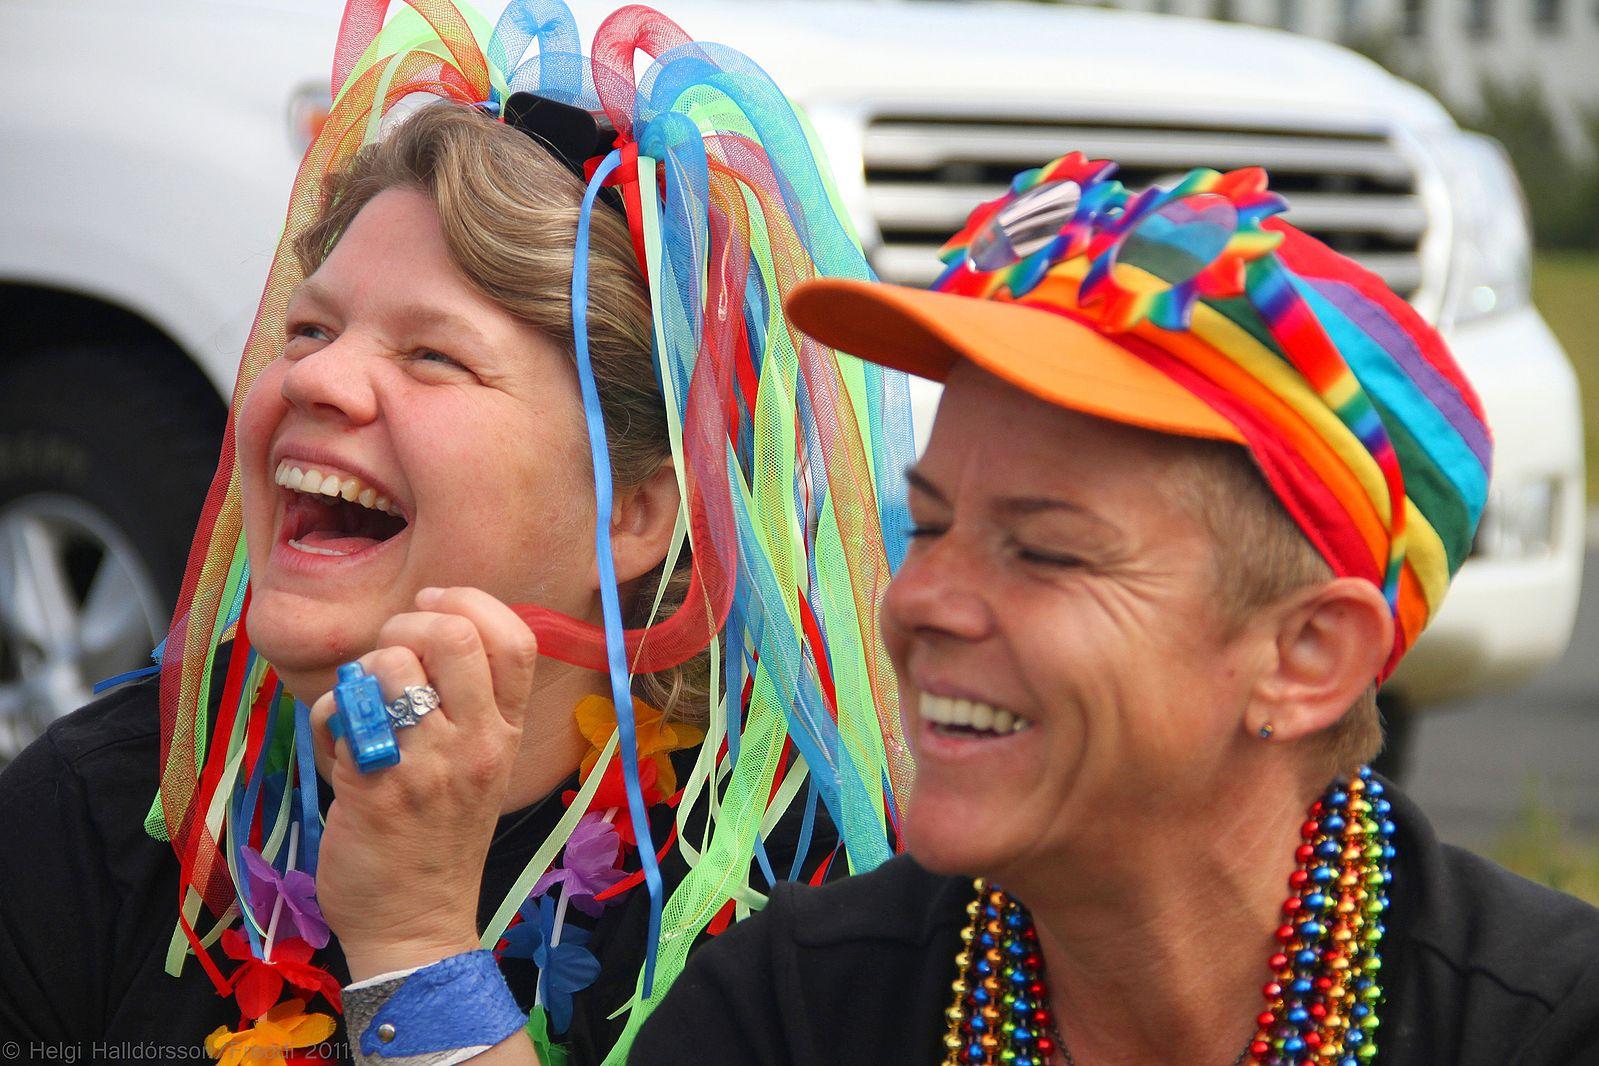 Curiosità sull'Islanda e sugli islandesi: discriminazioni quasi nulle! - Gay Pride a Reykjavík